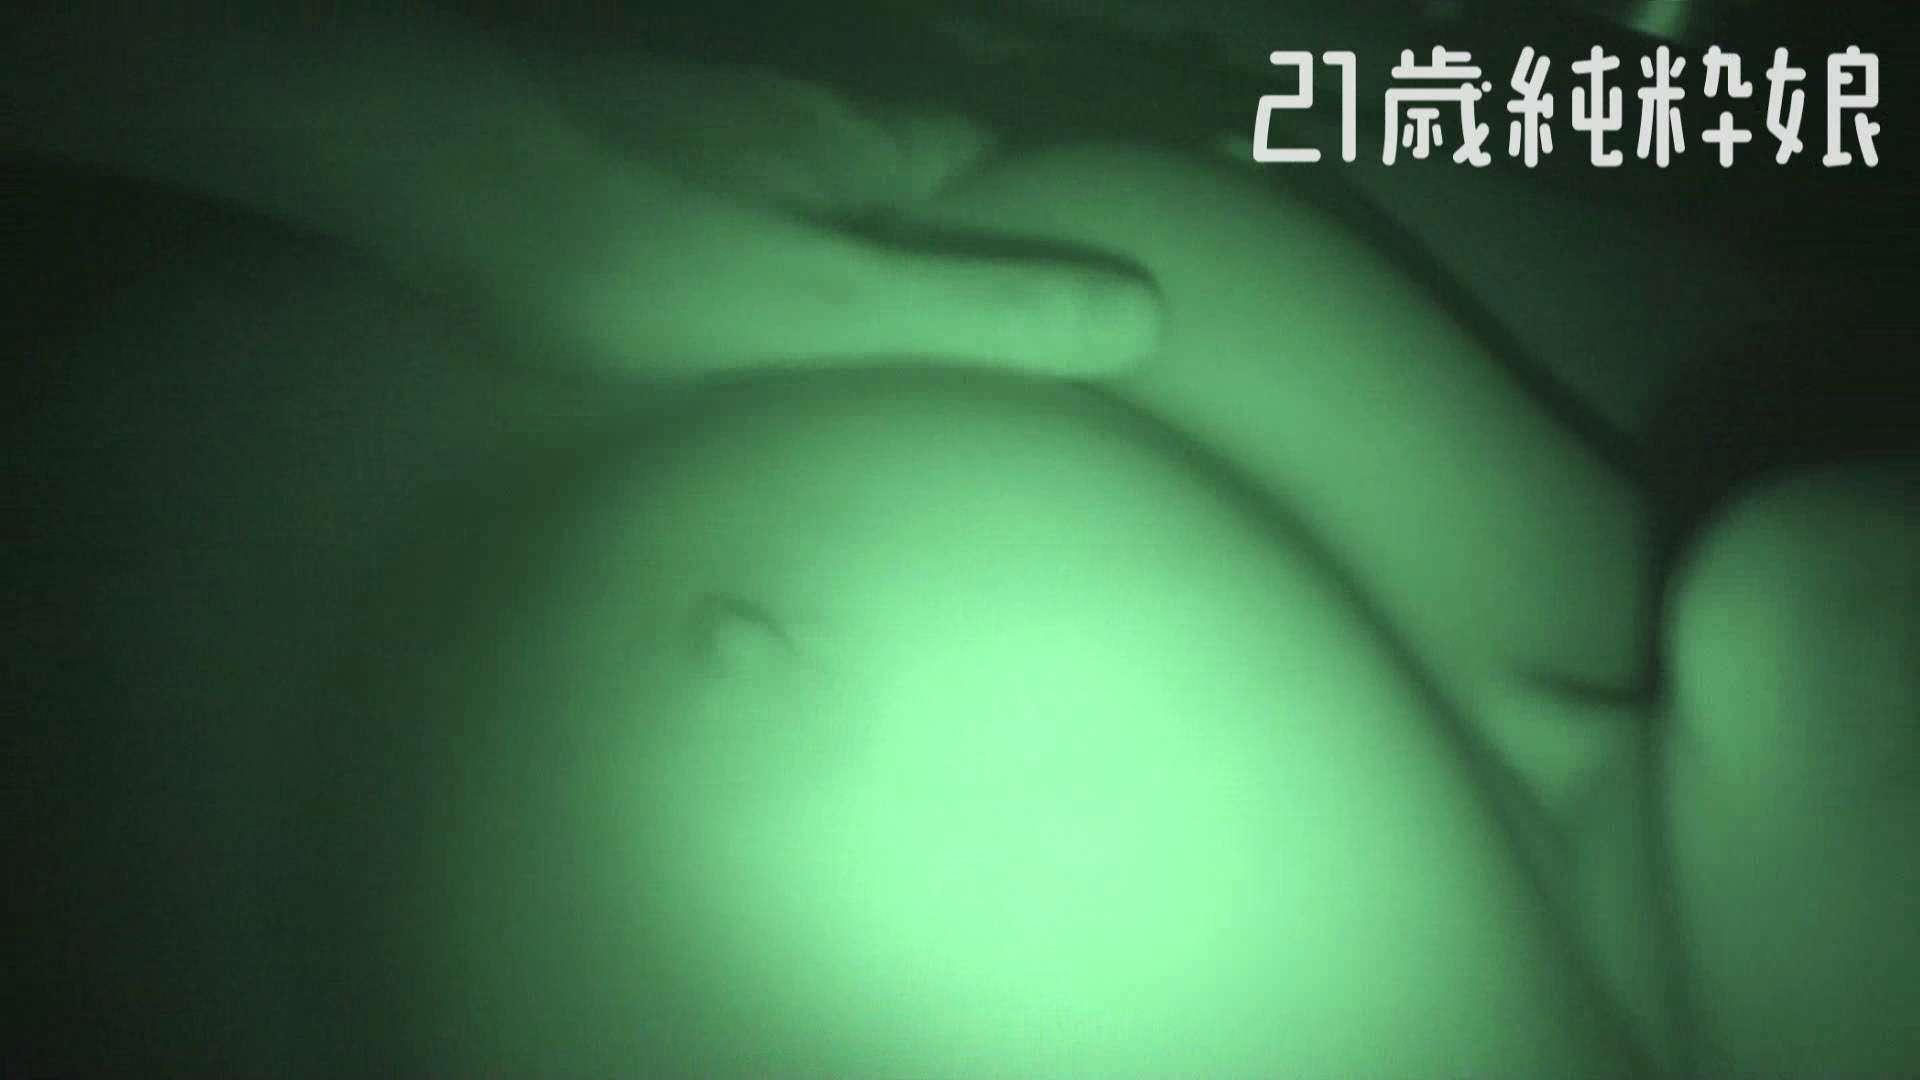 上京したばかりのGカップ21歳純粋嬢を都合の良い女にしてみた3 オナニー  10pic 10